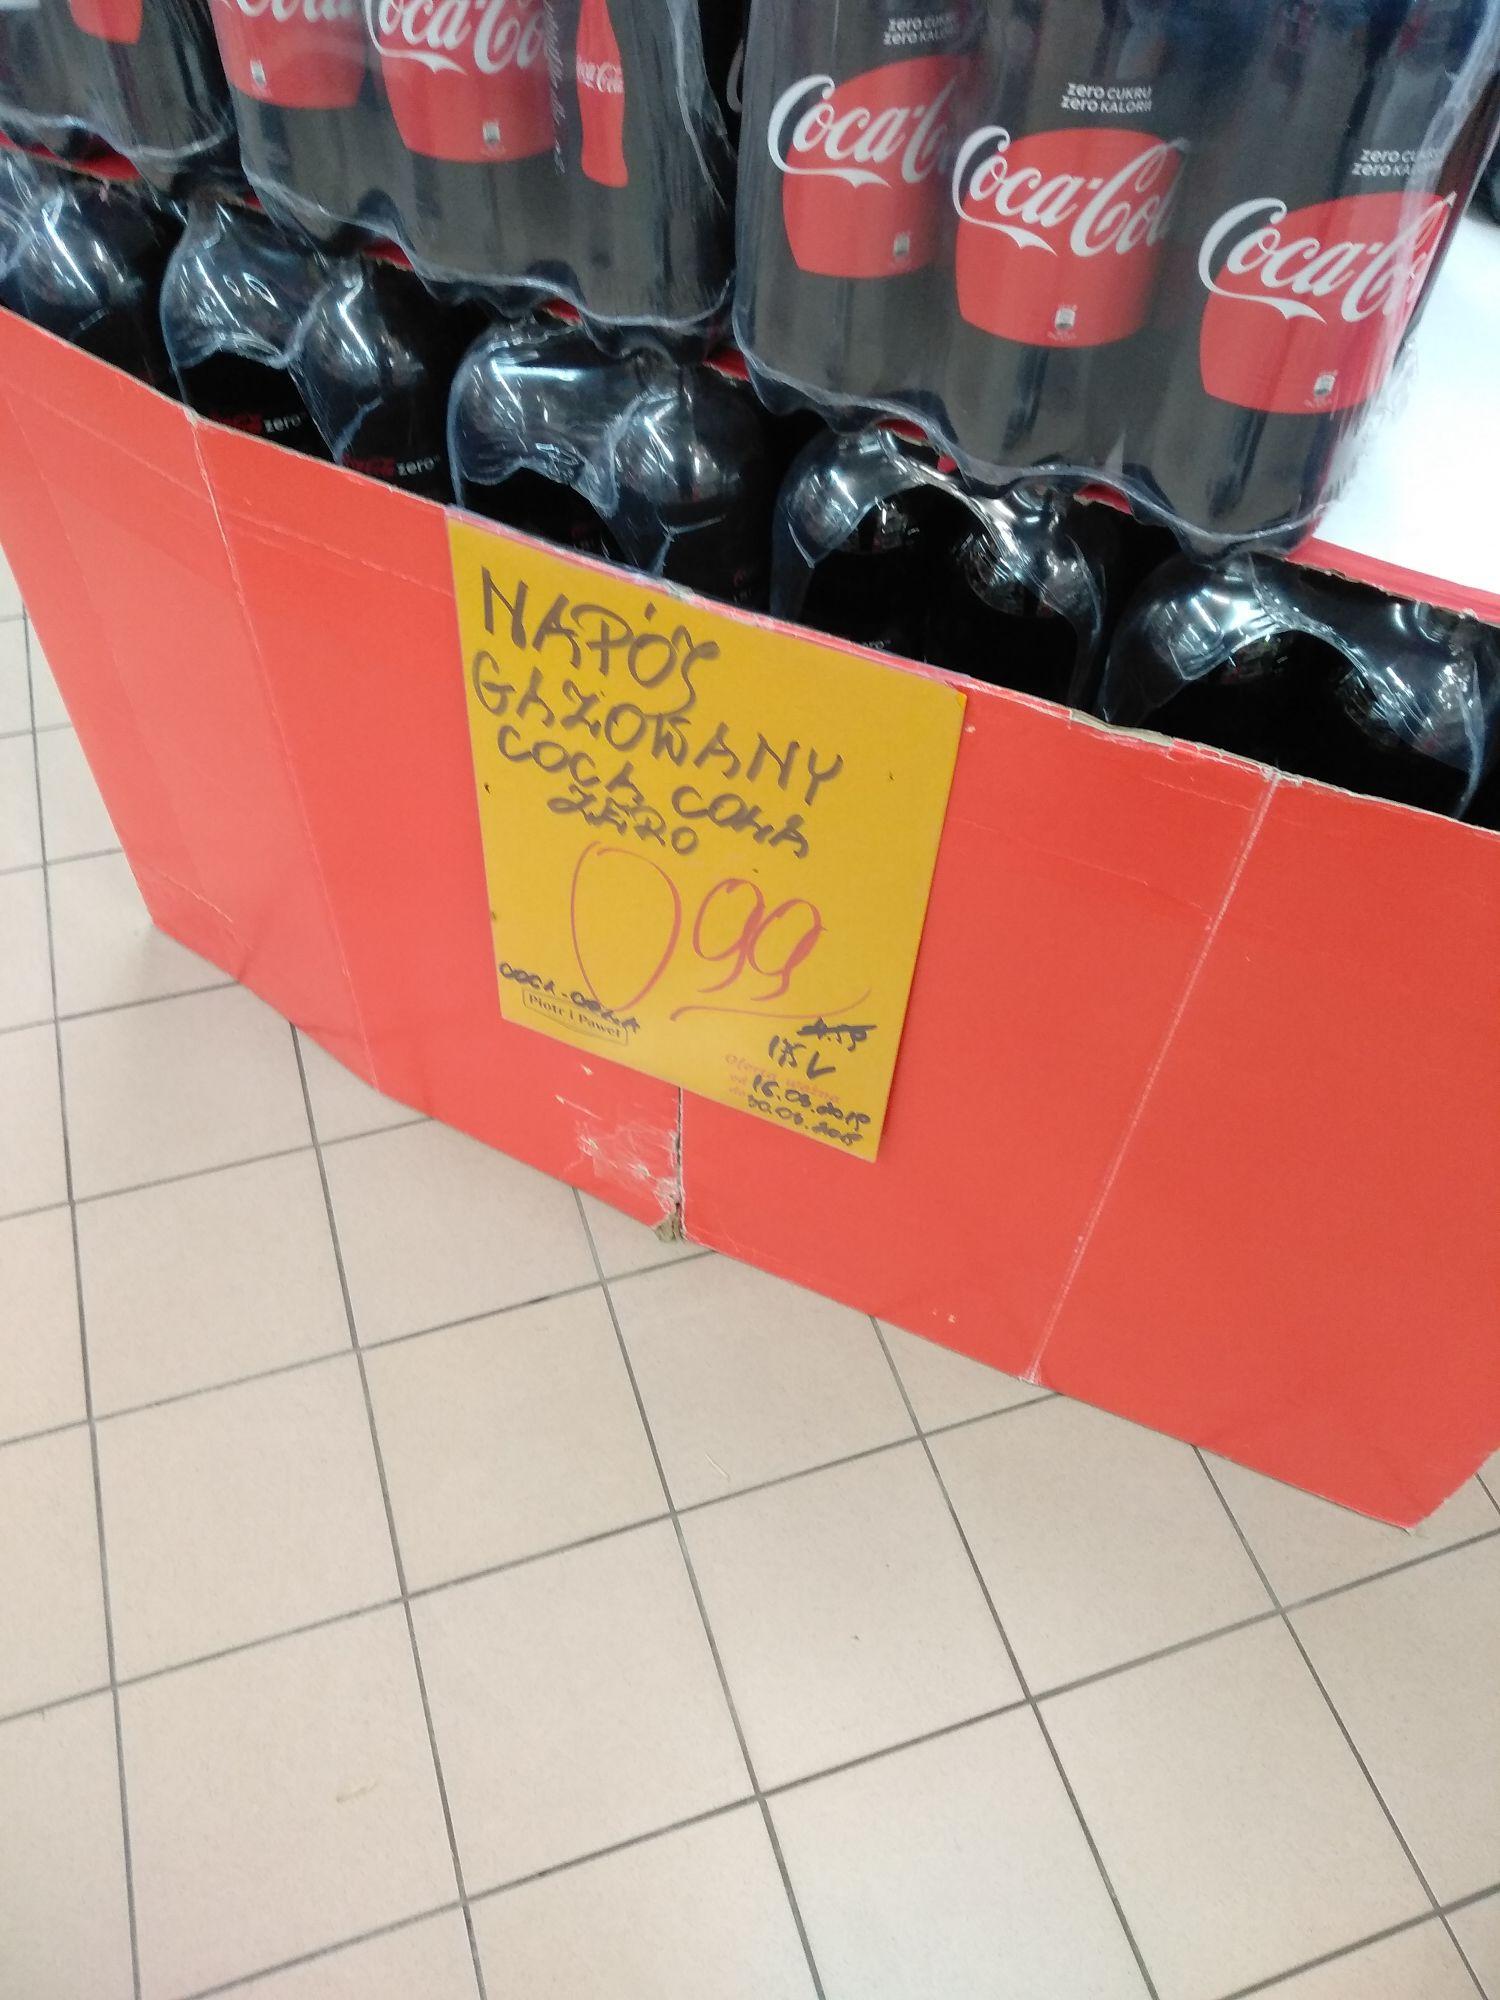 Coca Cola Zero 1,75L 0,99zł Gdańsk Matarnia Piotr i Paweł